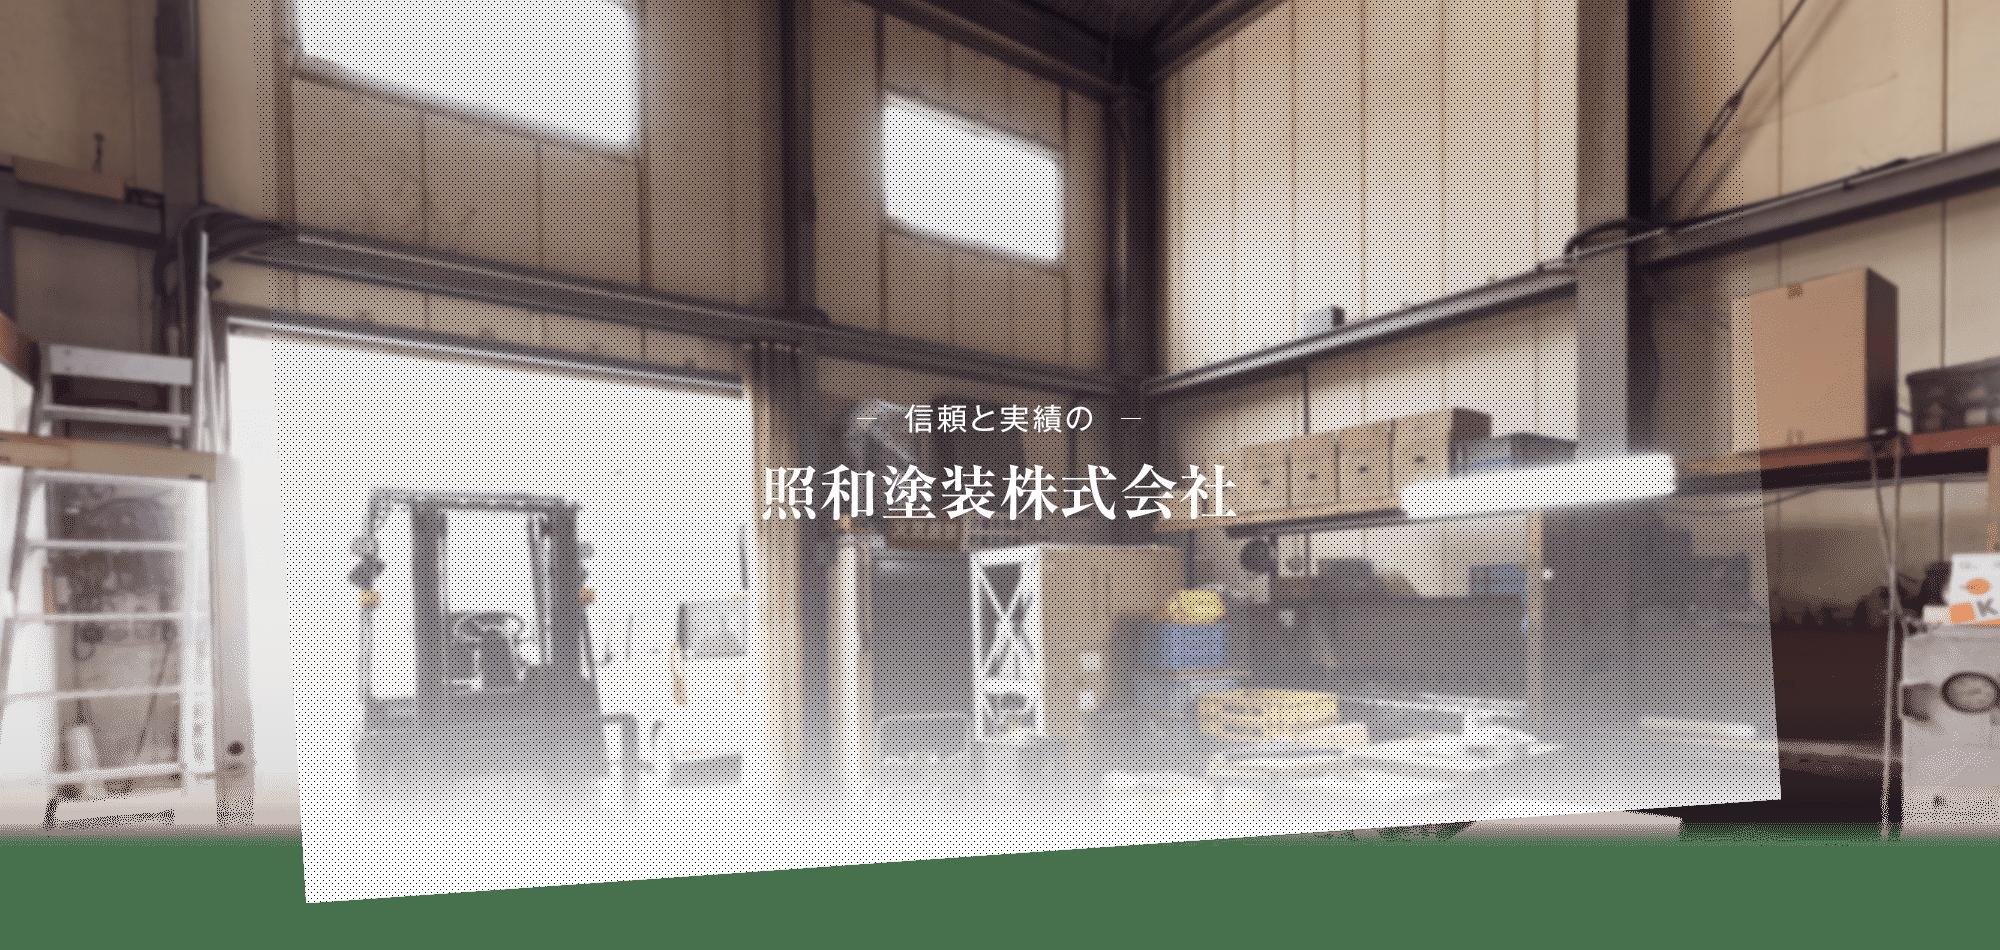 pc_slide_03